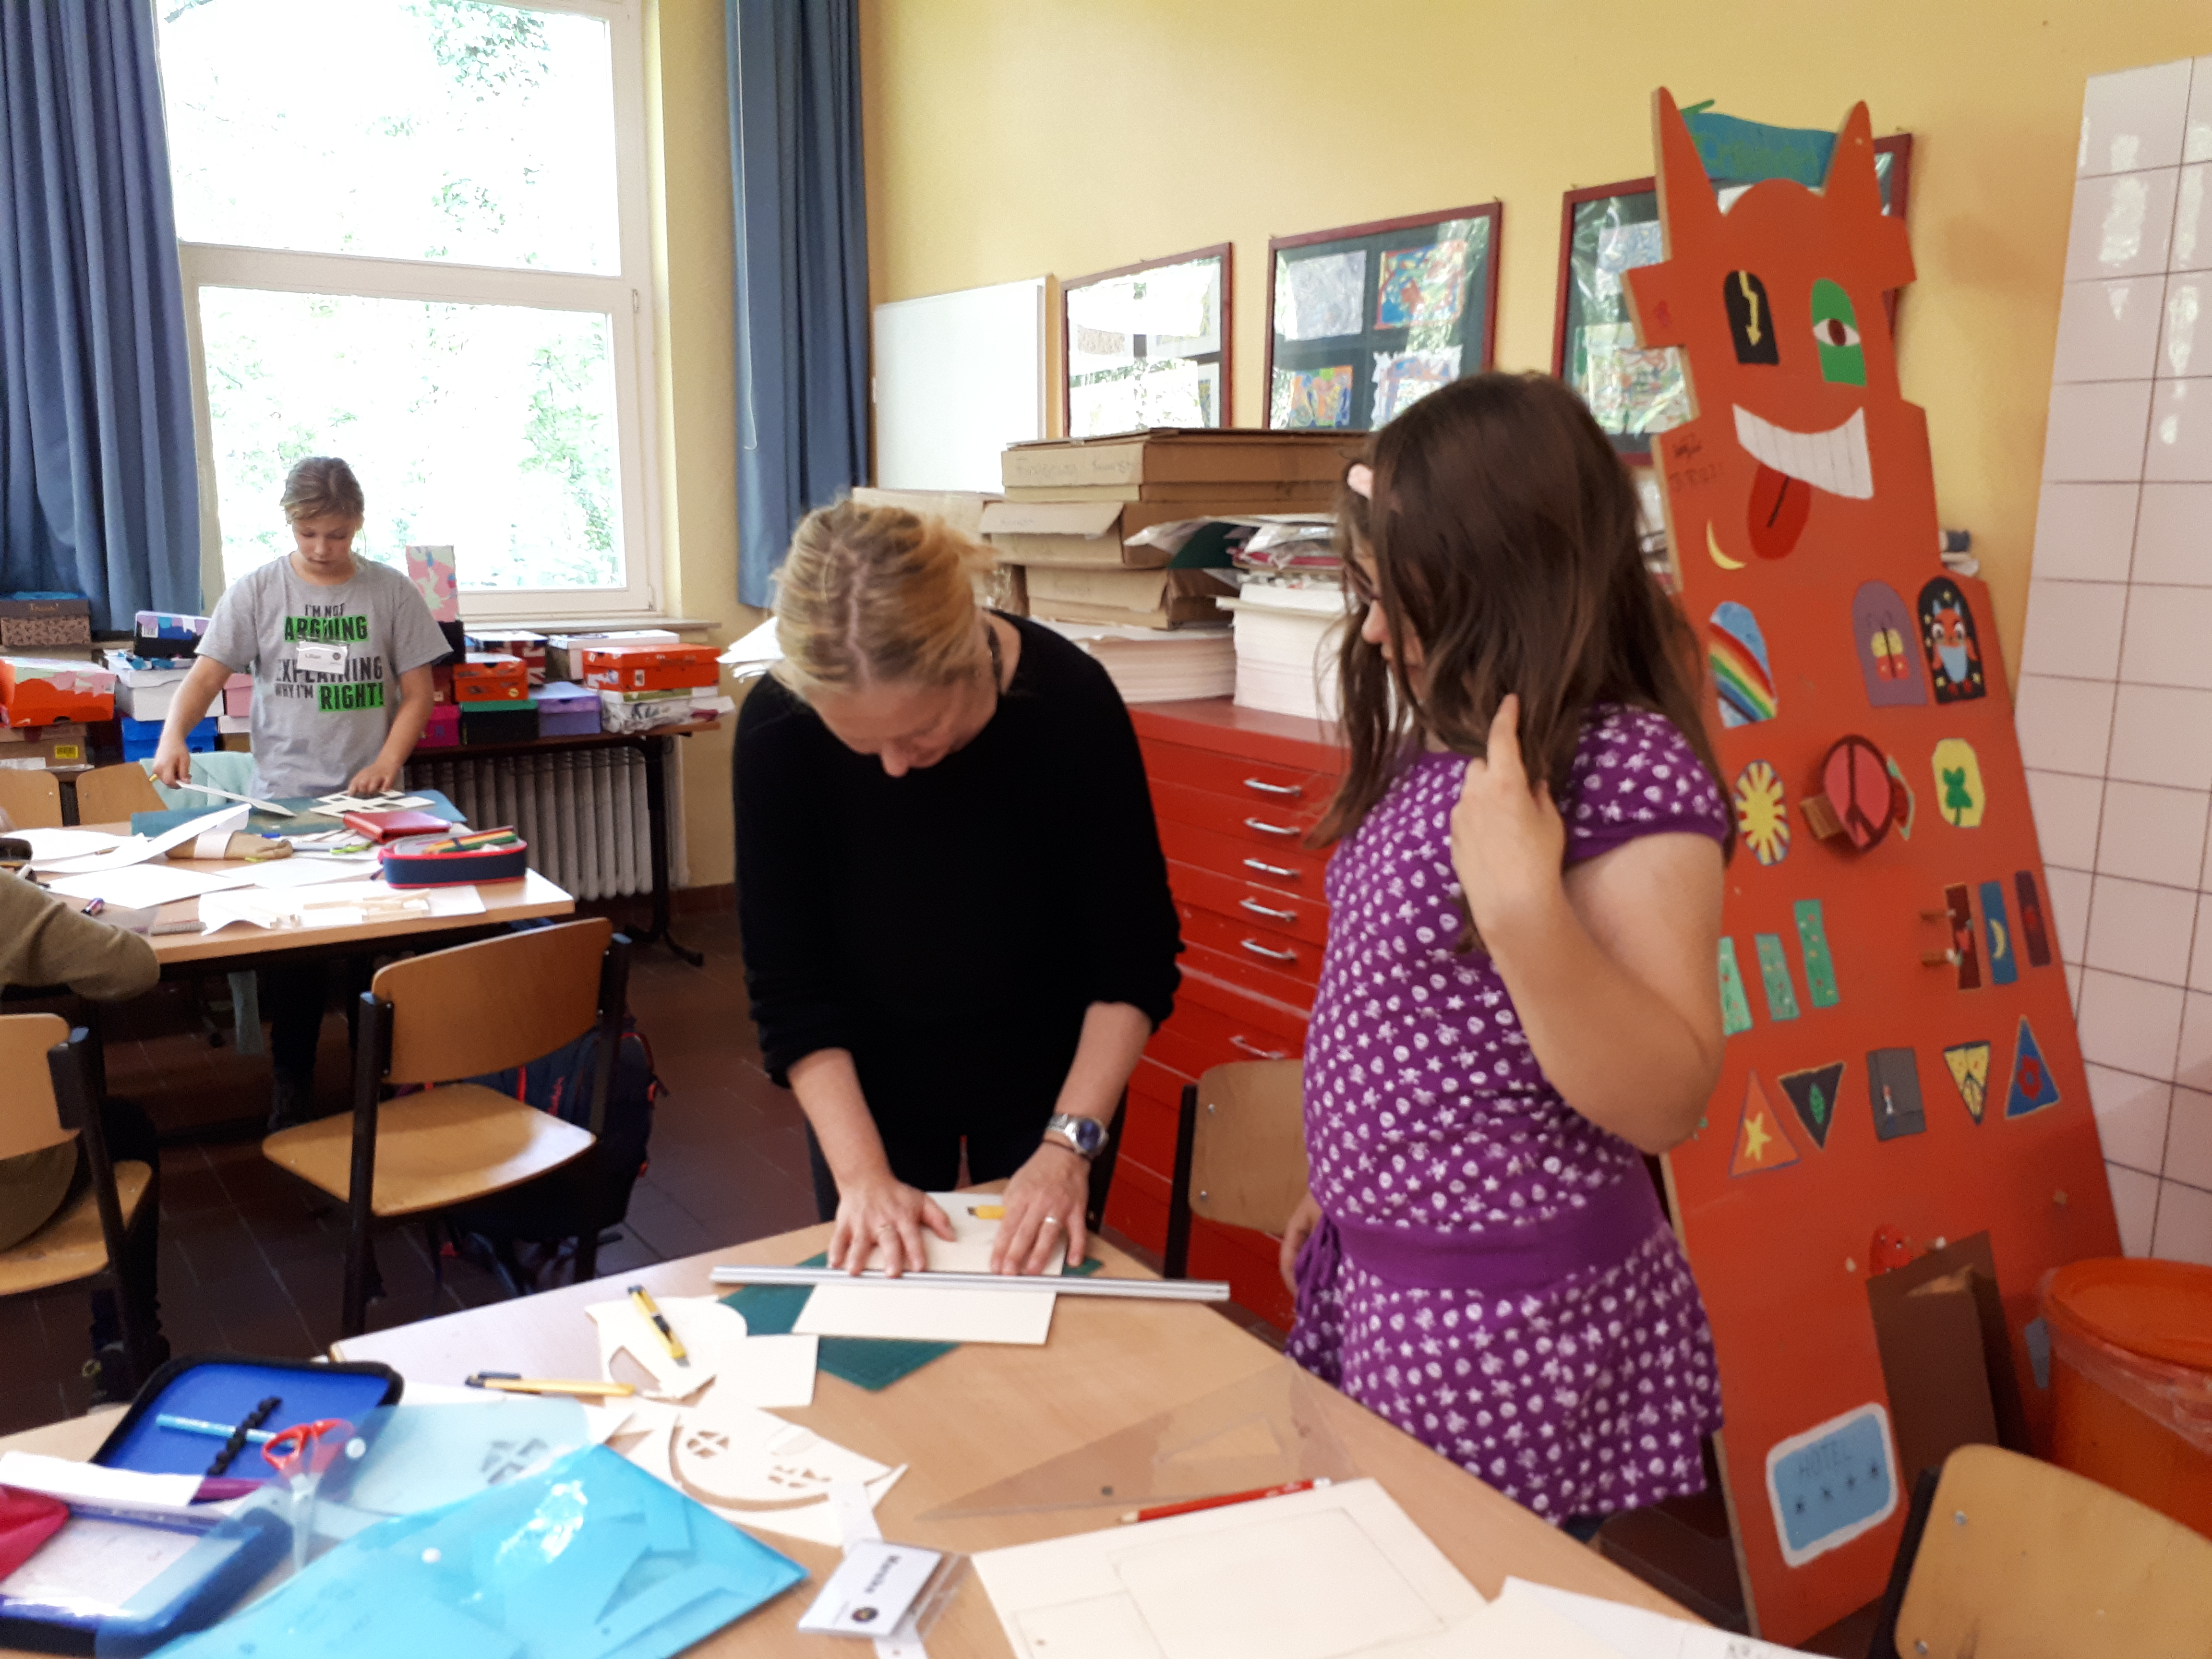 Luise Lübke hilft bei dem Umgang mit dem Messer